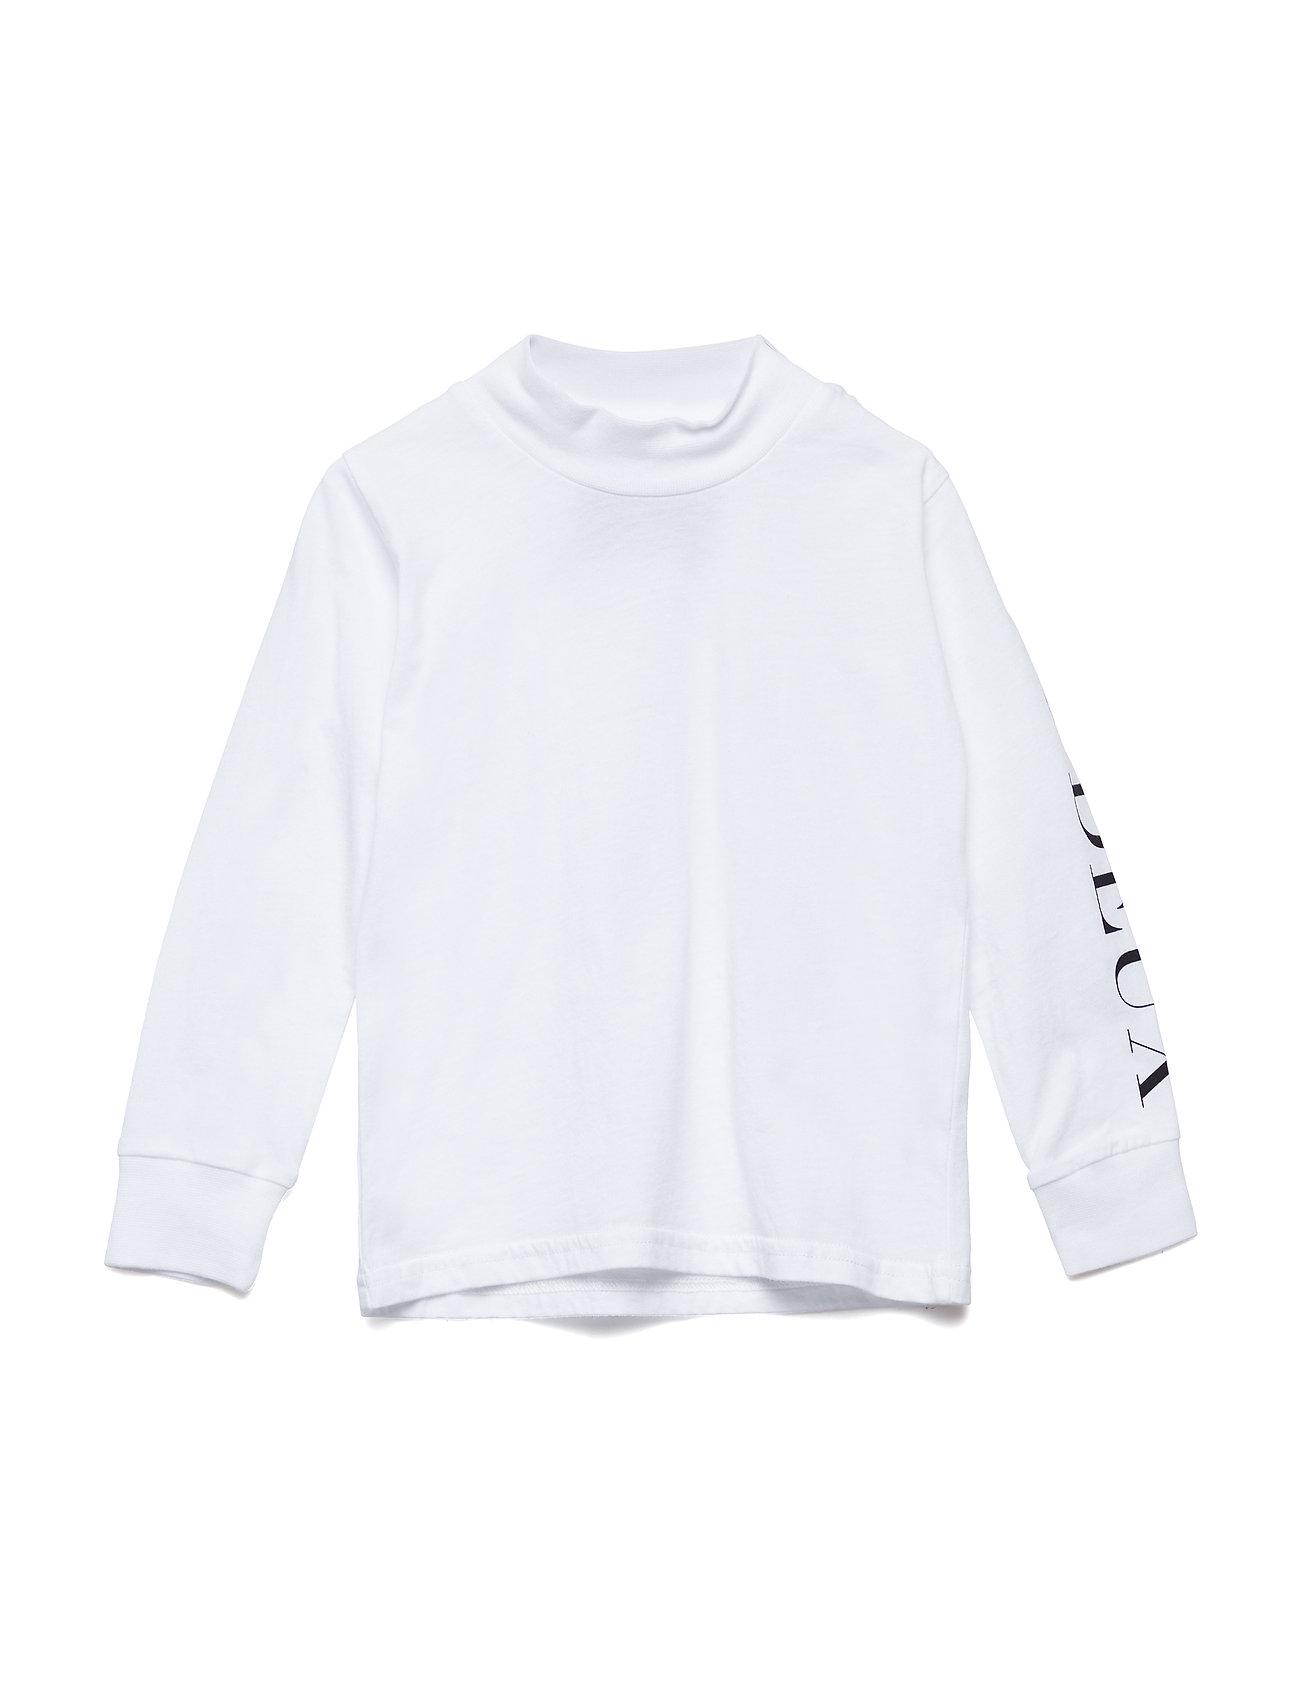 Les Deux Friends T-shirt LS Kids - WHITE